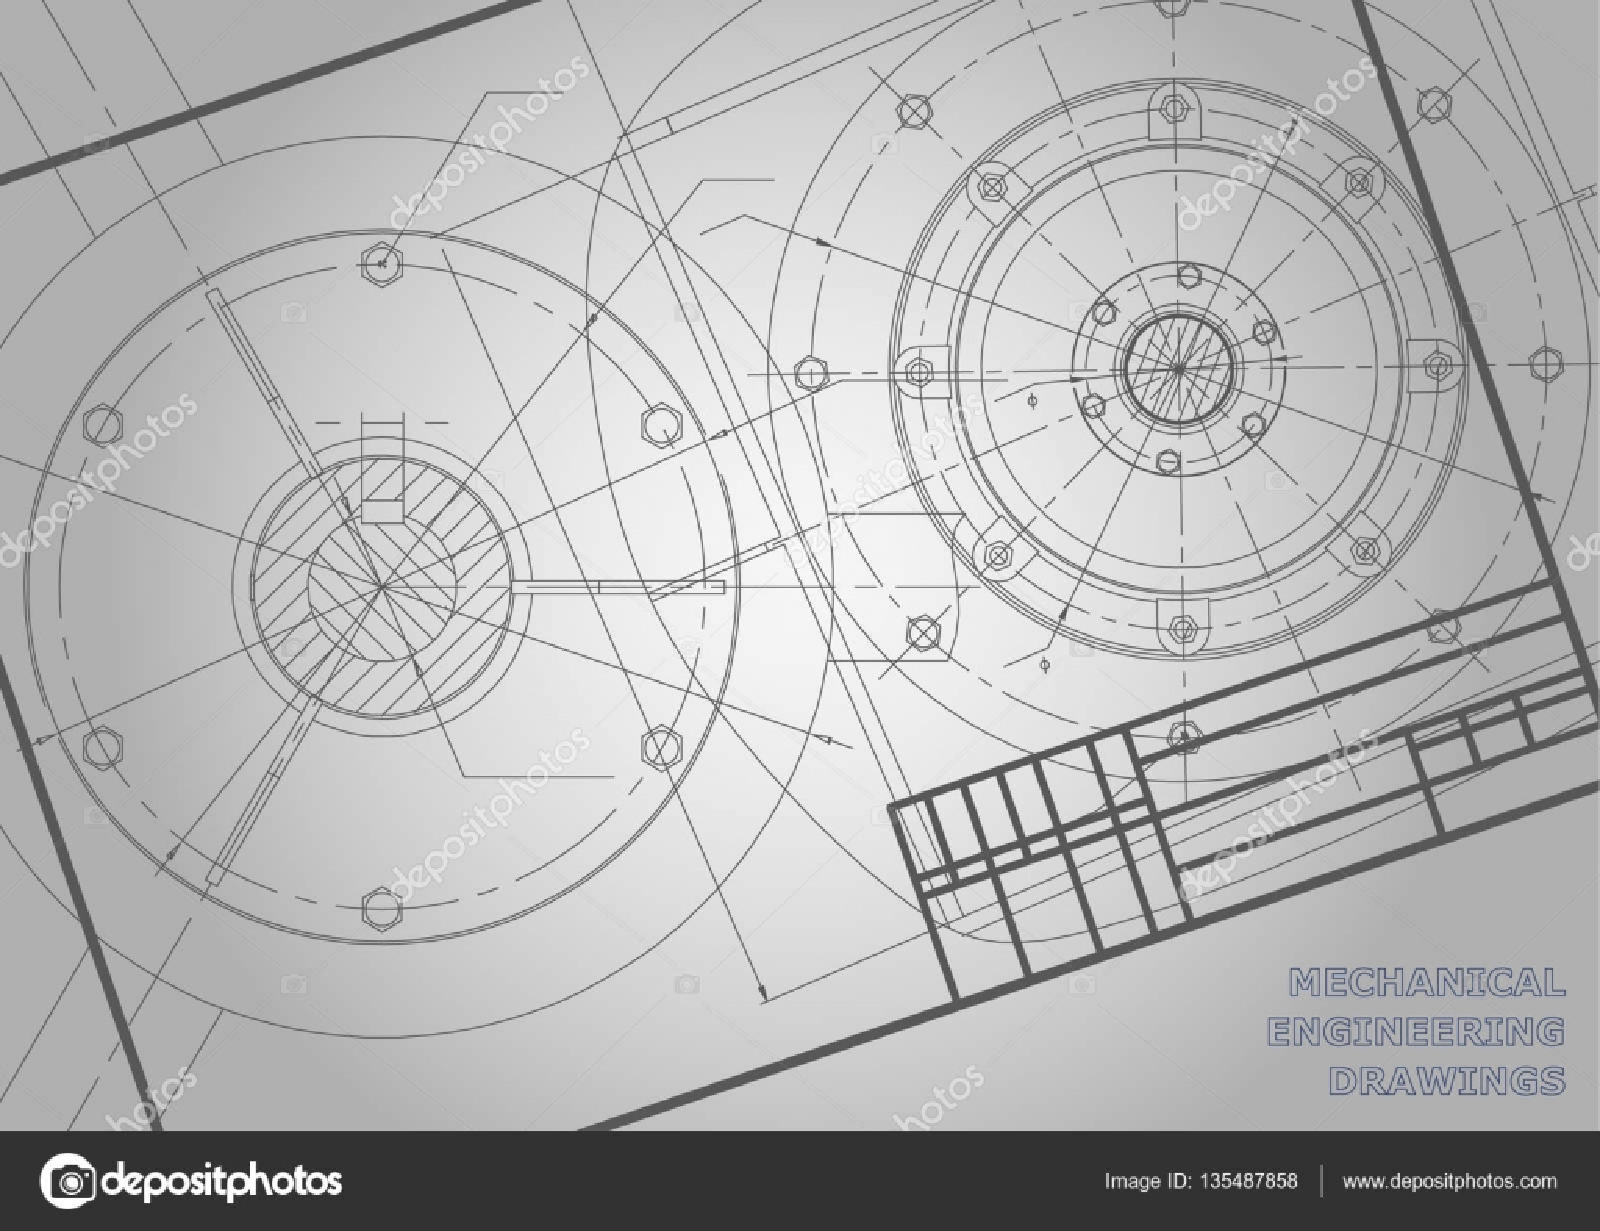 Maschinenbau, Zeichnung — Stockvektor © Bubushonok #135487858